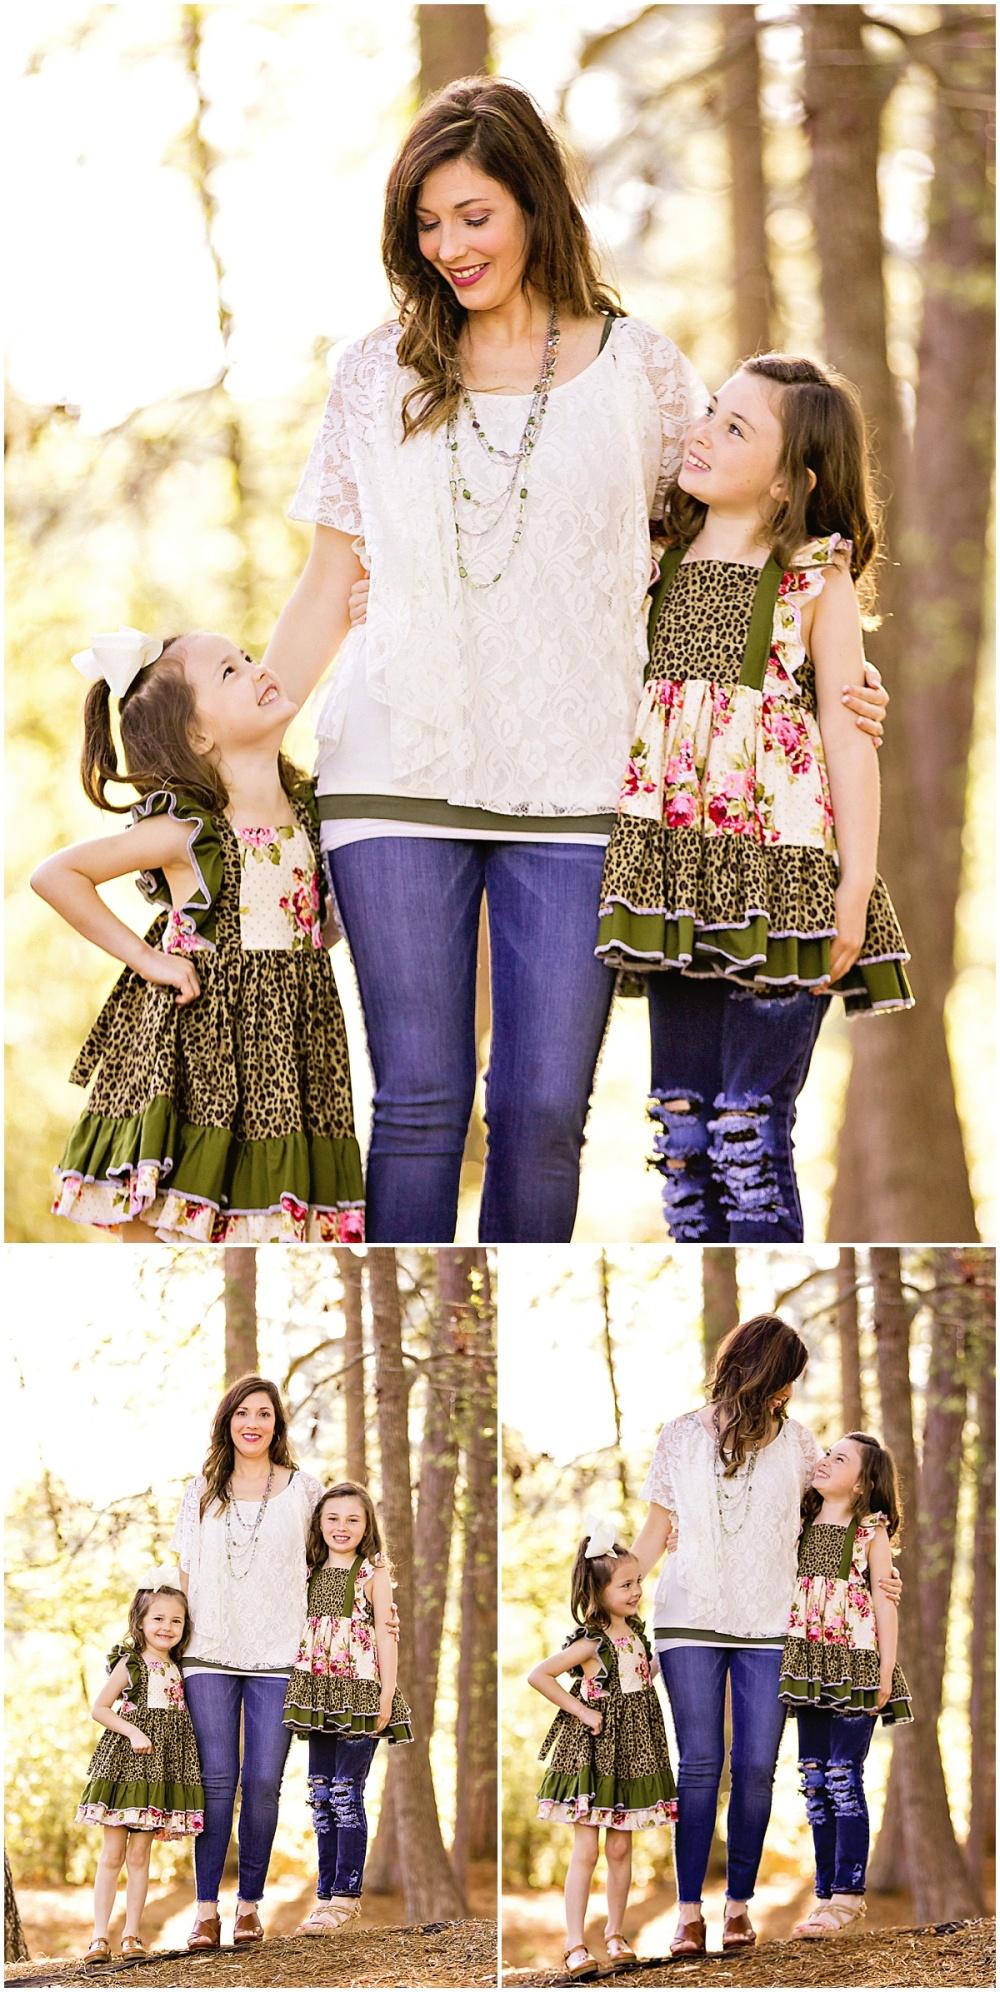 Family-Portraits-Spradlin-East-Texas-Carly-Barton-Photography_0033.jpg